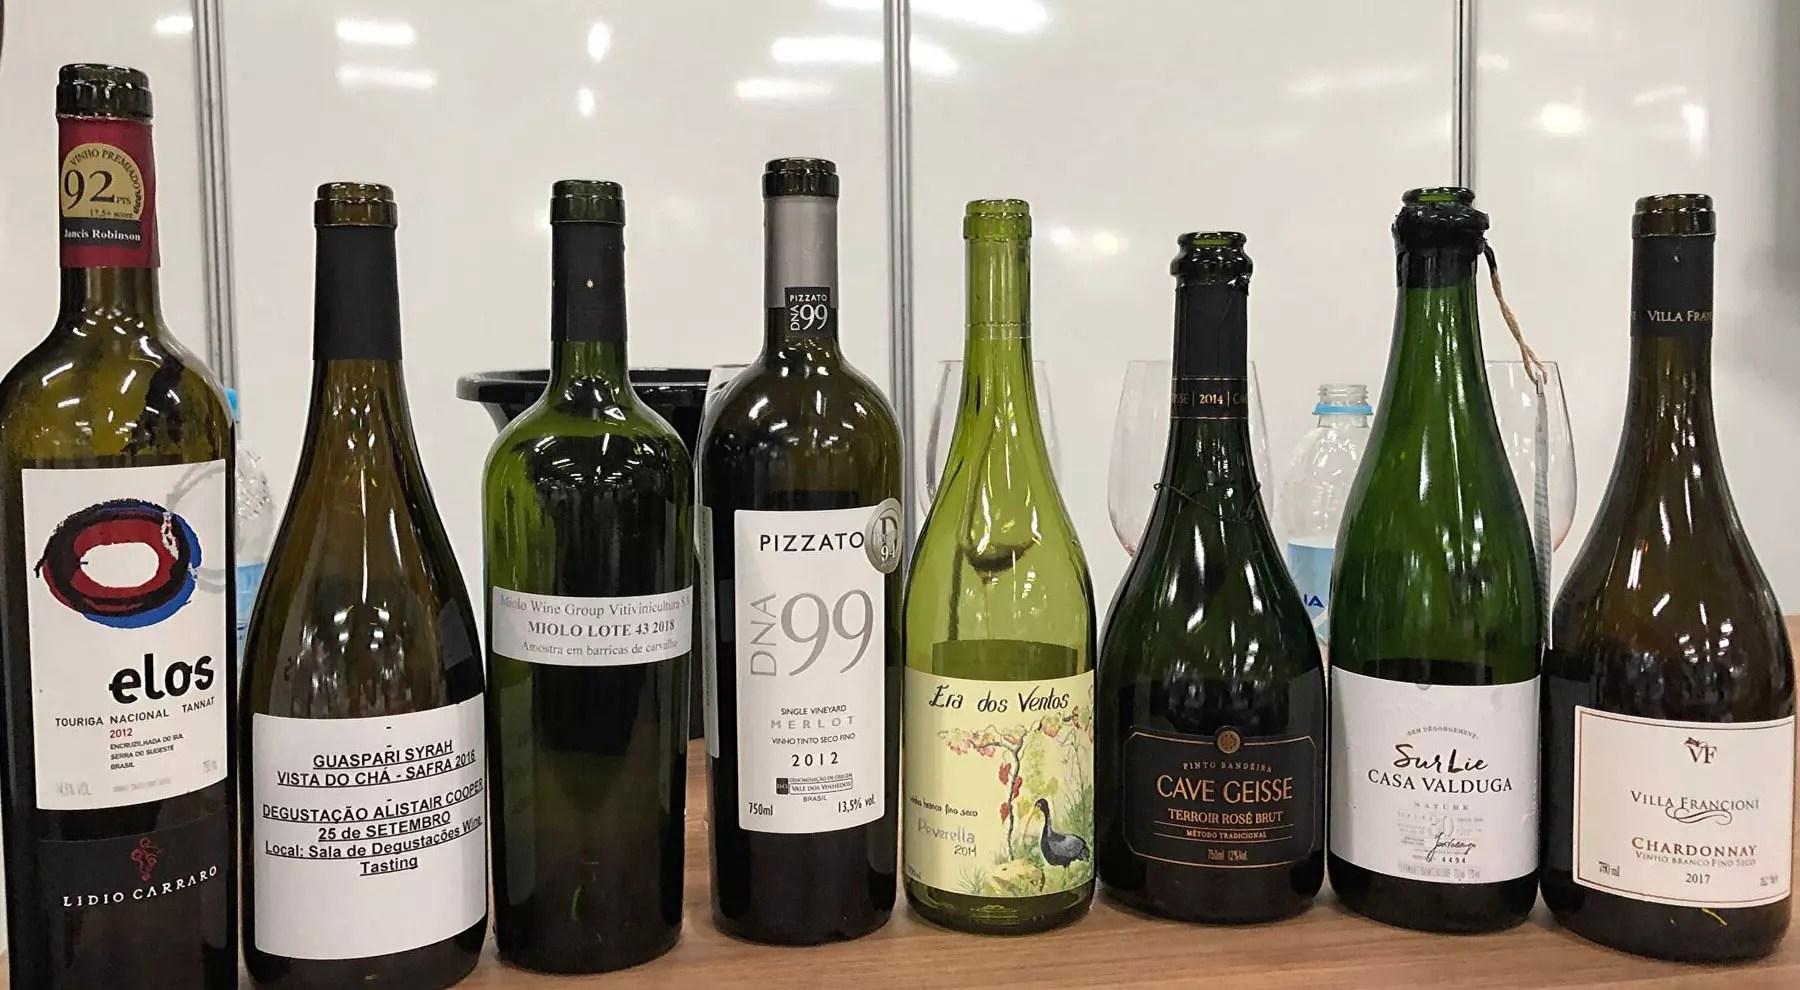 dica de vinhos brasileiros